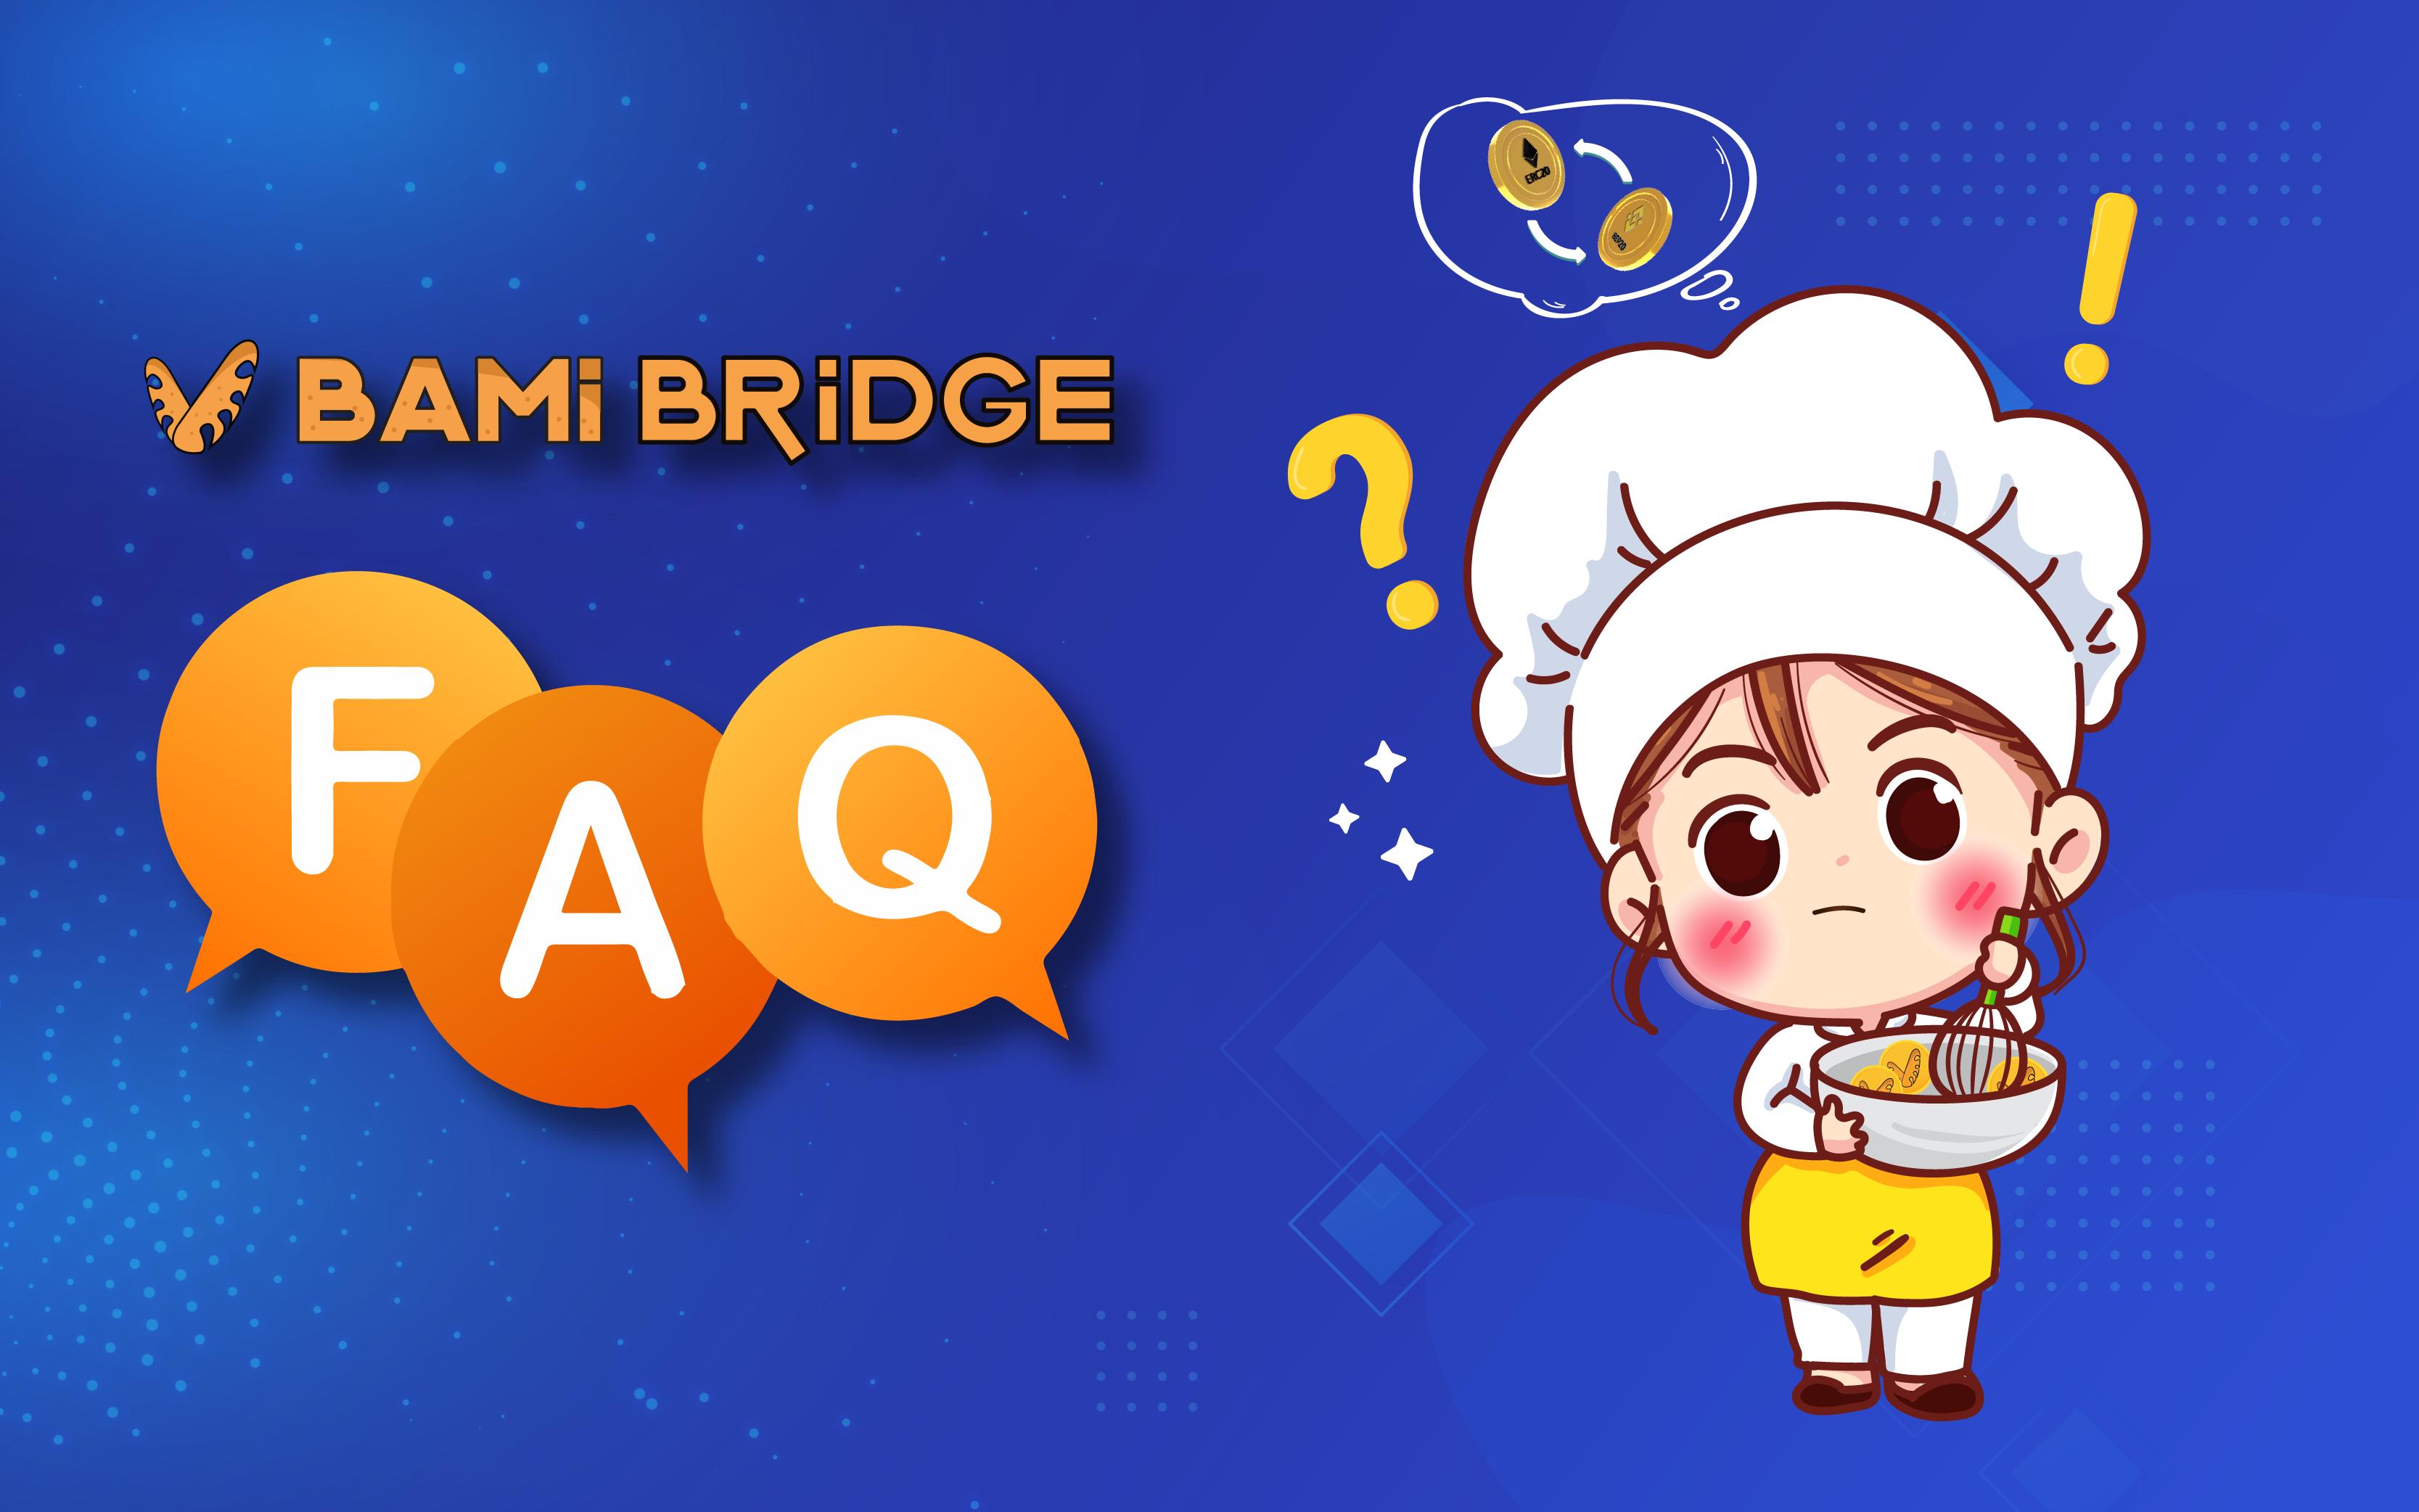 Câu hỏi thường gặp về Bami Bridge